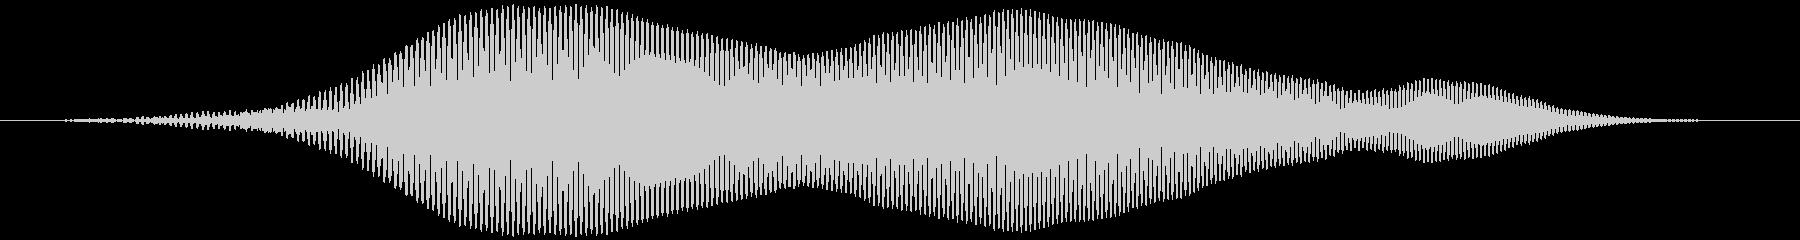 ジャンプ (ポォン)の未再生の波形